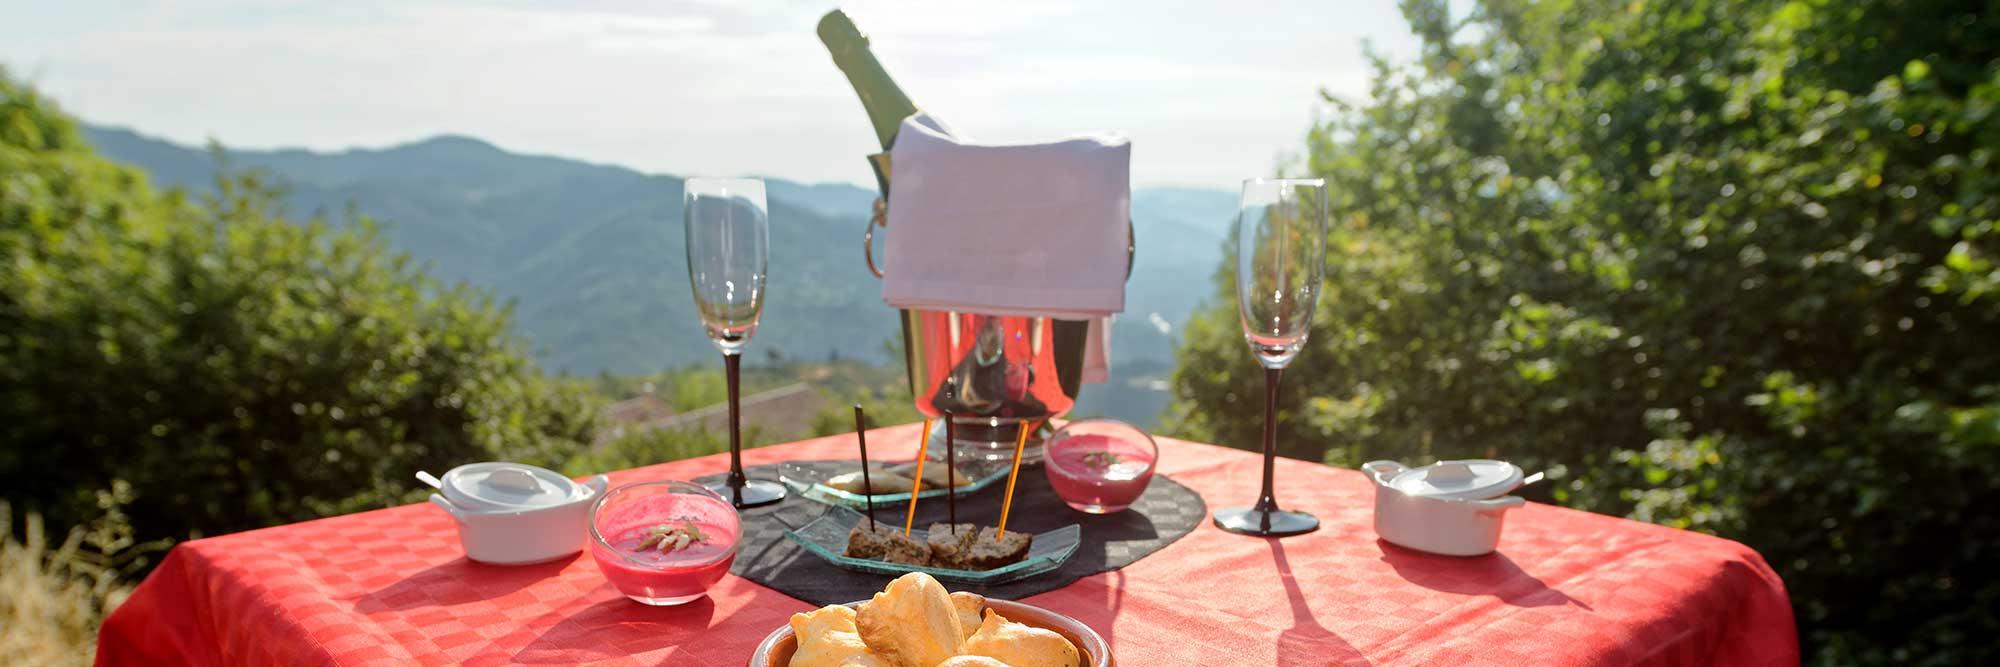 Table d'hôte insolite avec apéritif face au Vecors Savoie, suisse, genève